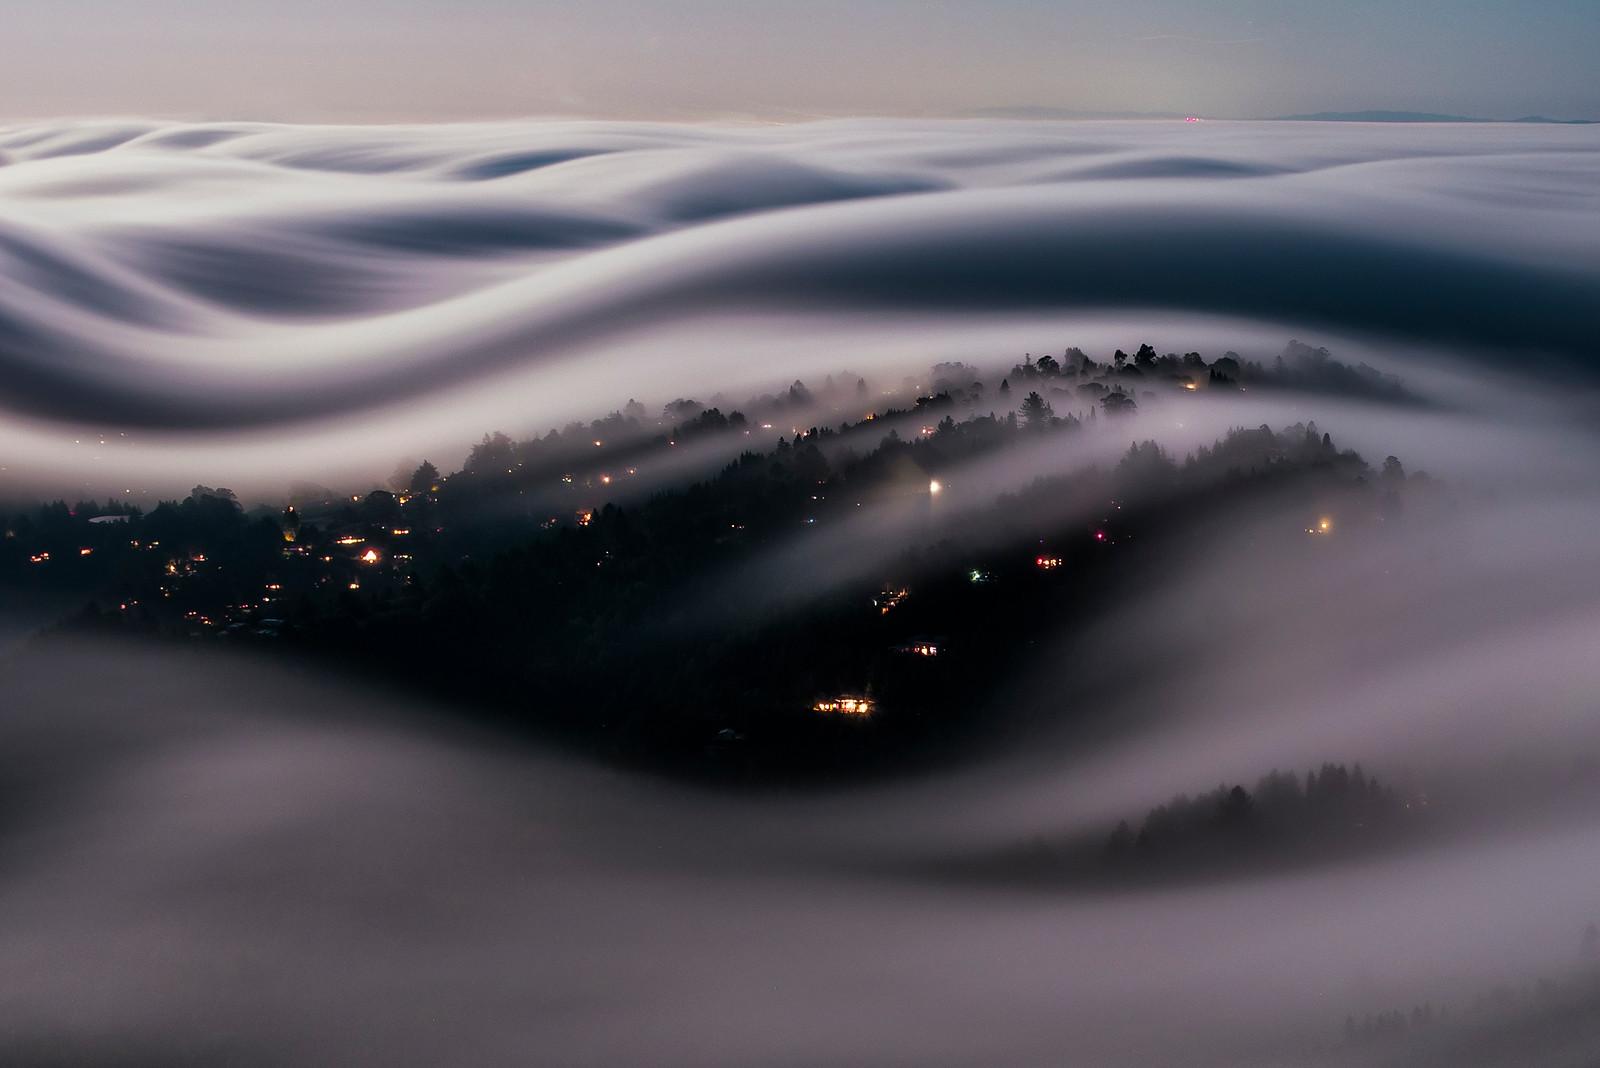 Лоренцо Монтедземоло: сюрреалистический туманный пейзаж на фотографии с длинной выдержкой